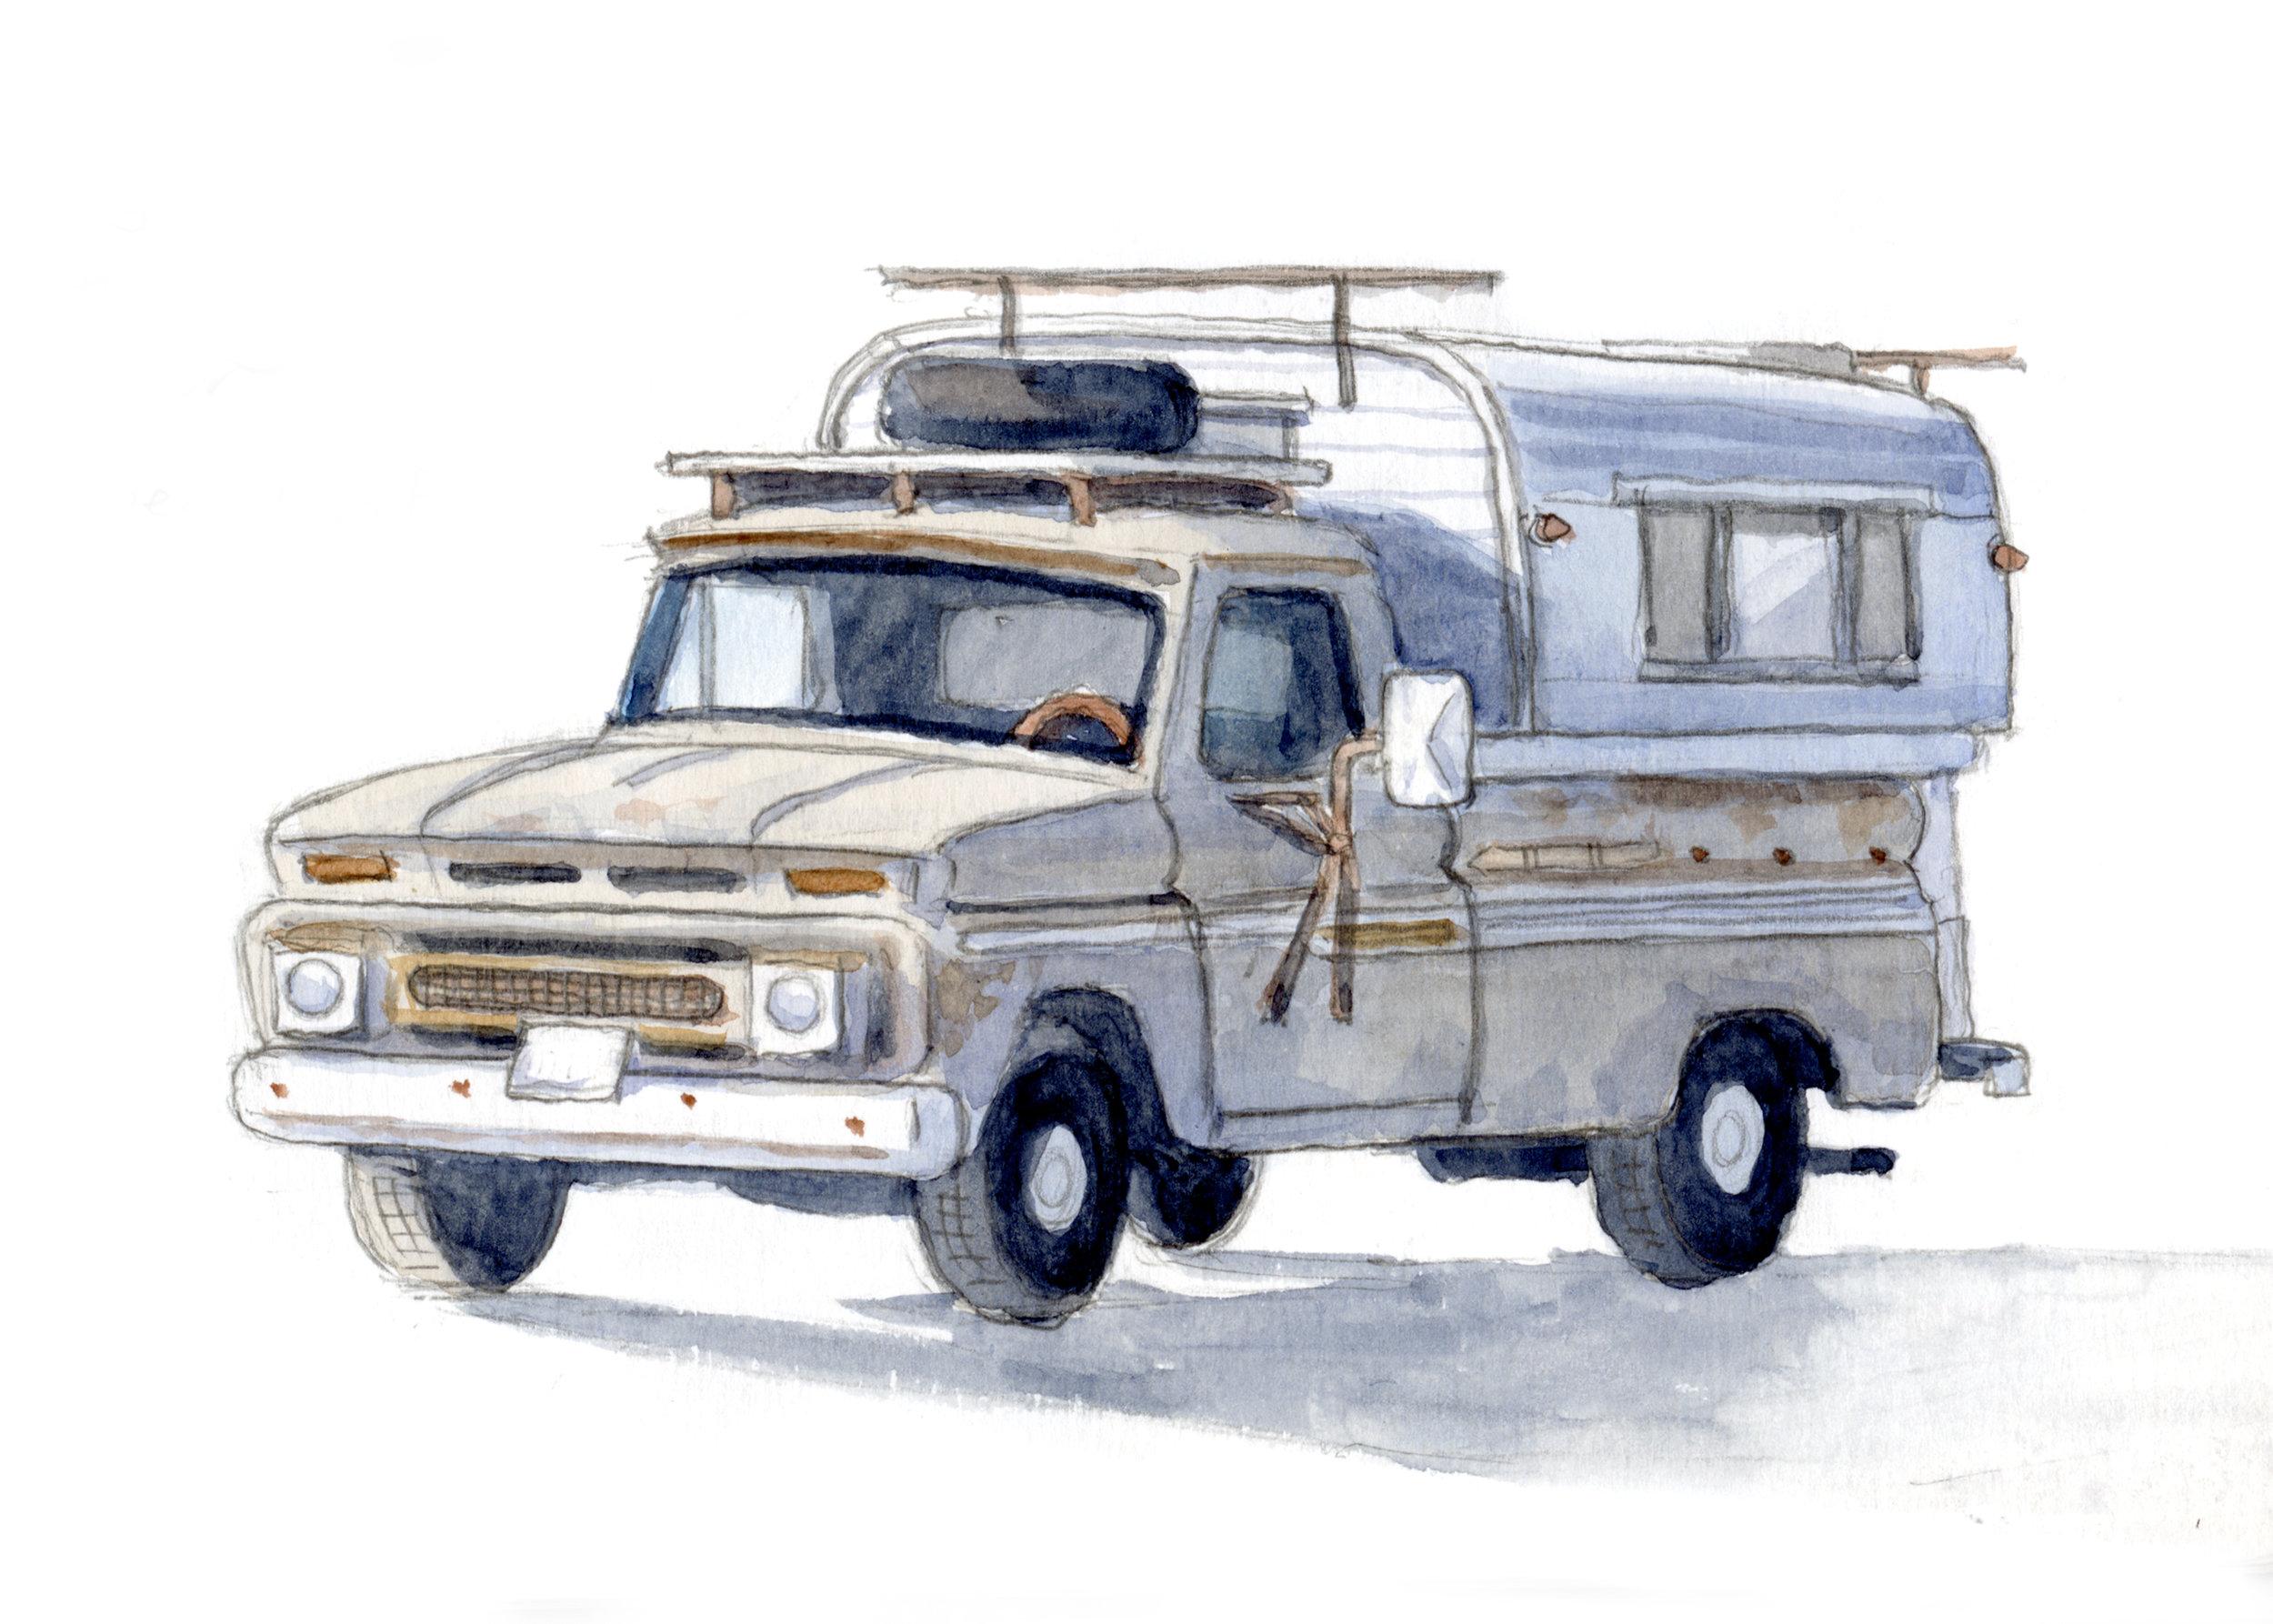 Ben's Truck